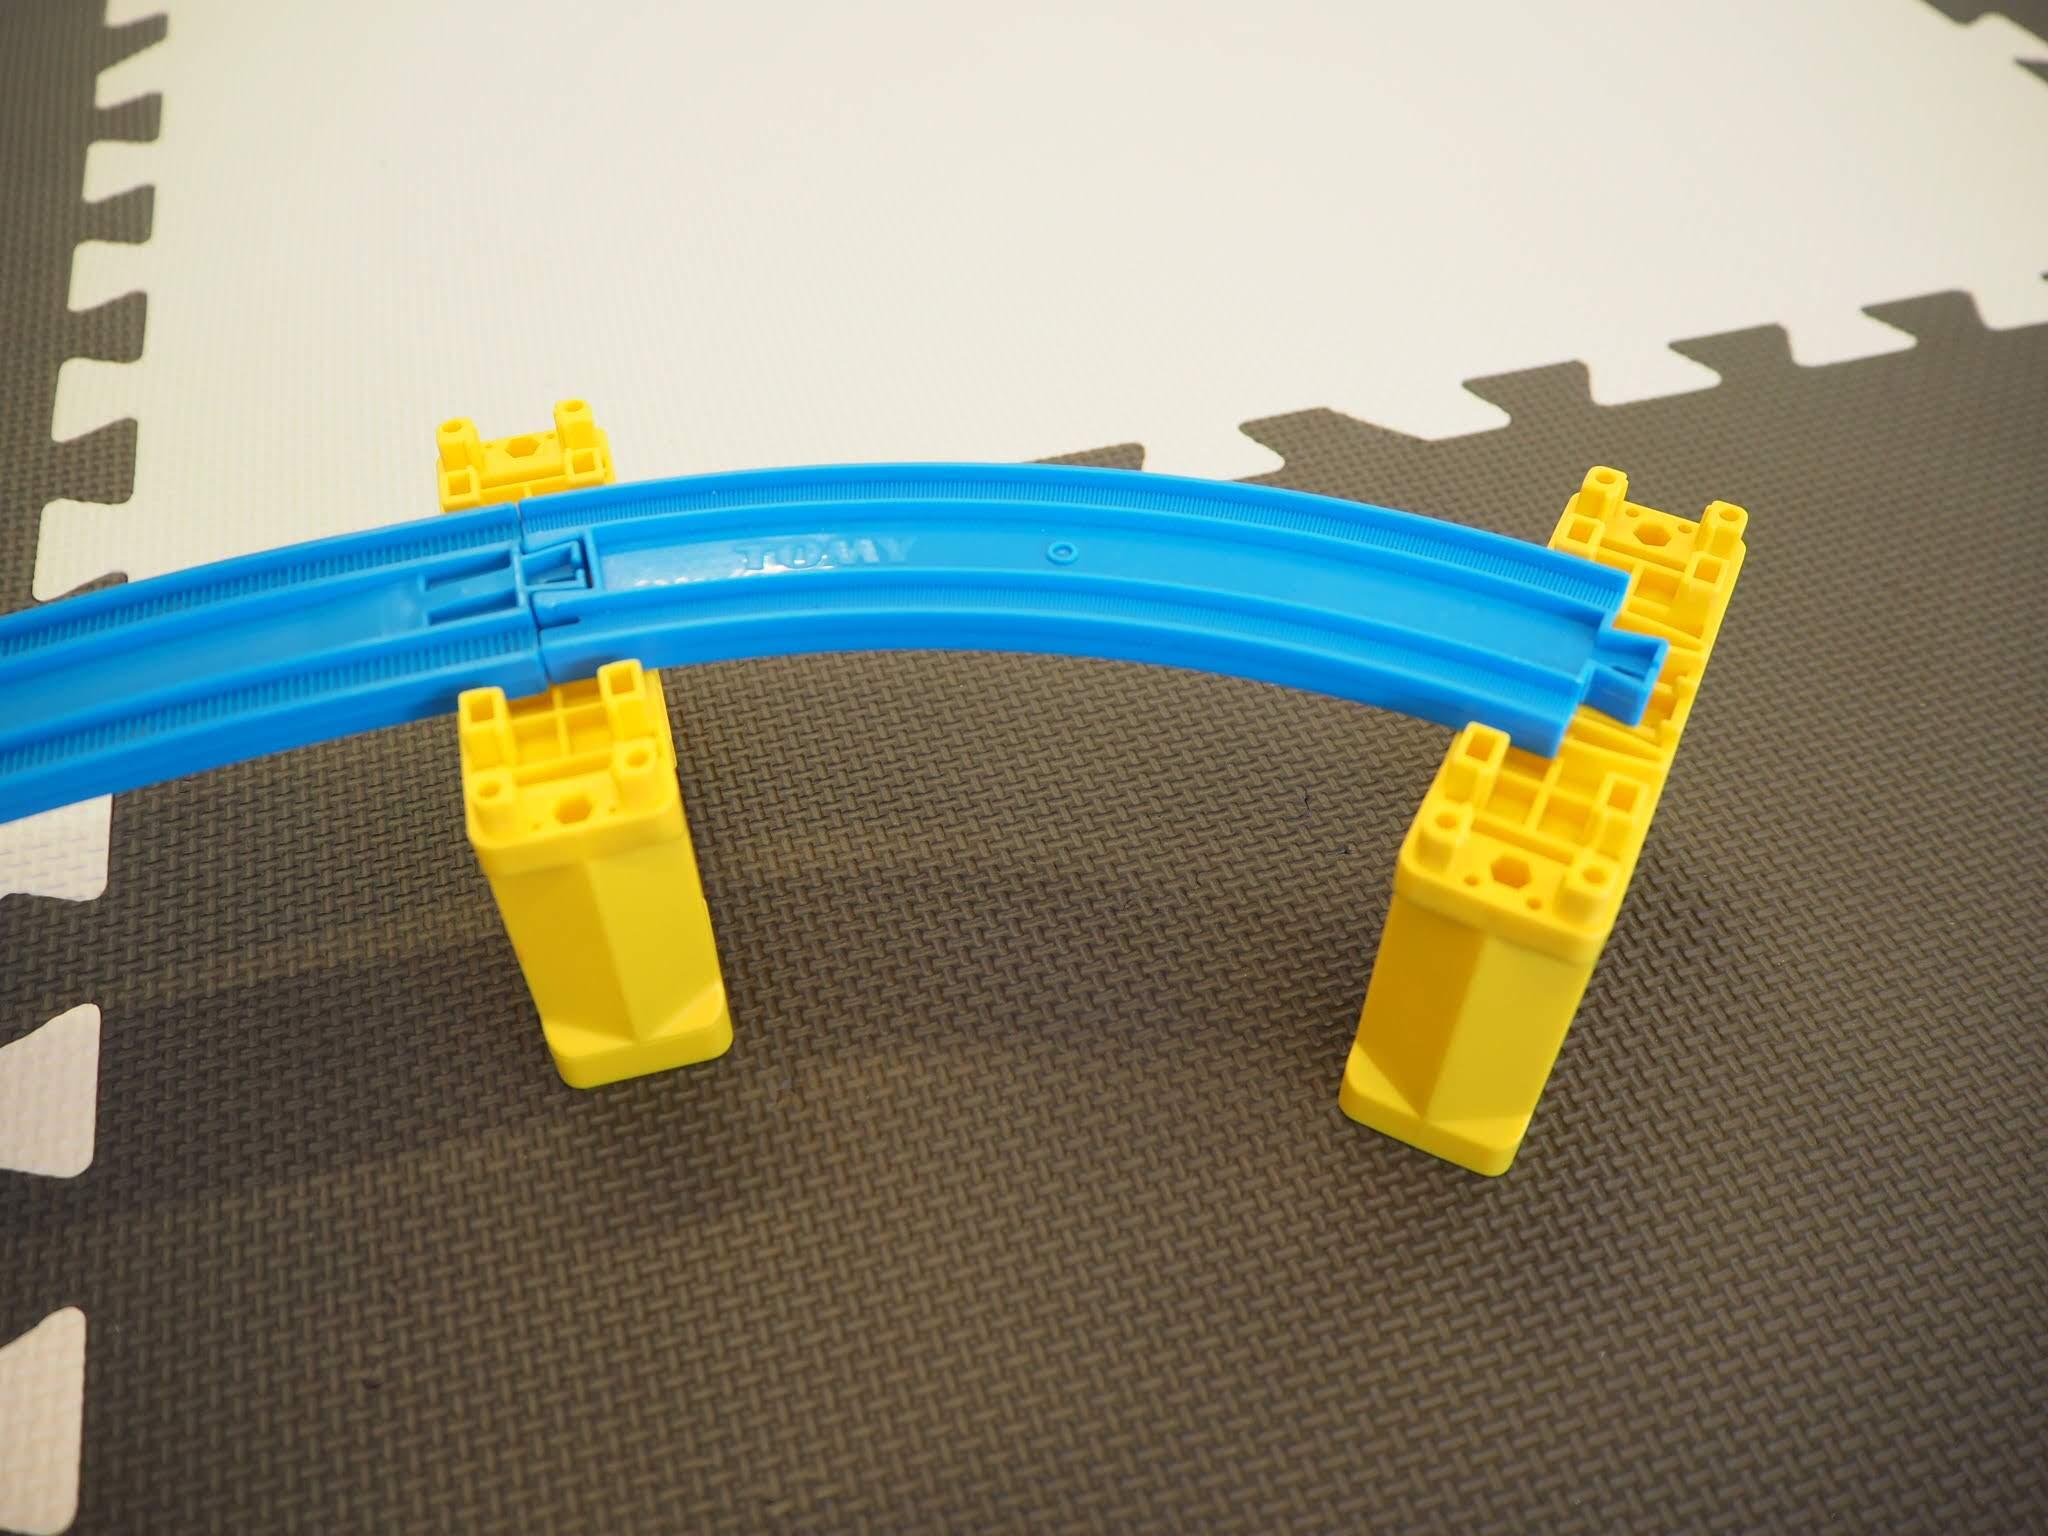 レールとレールを橋脚で支える